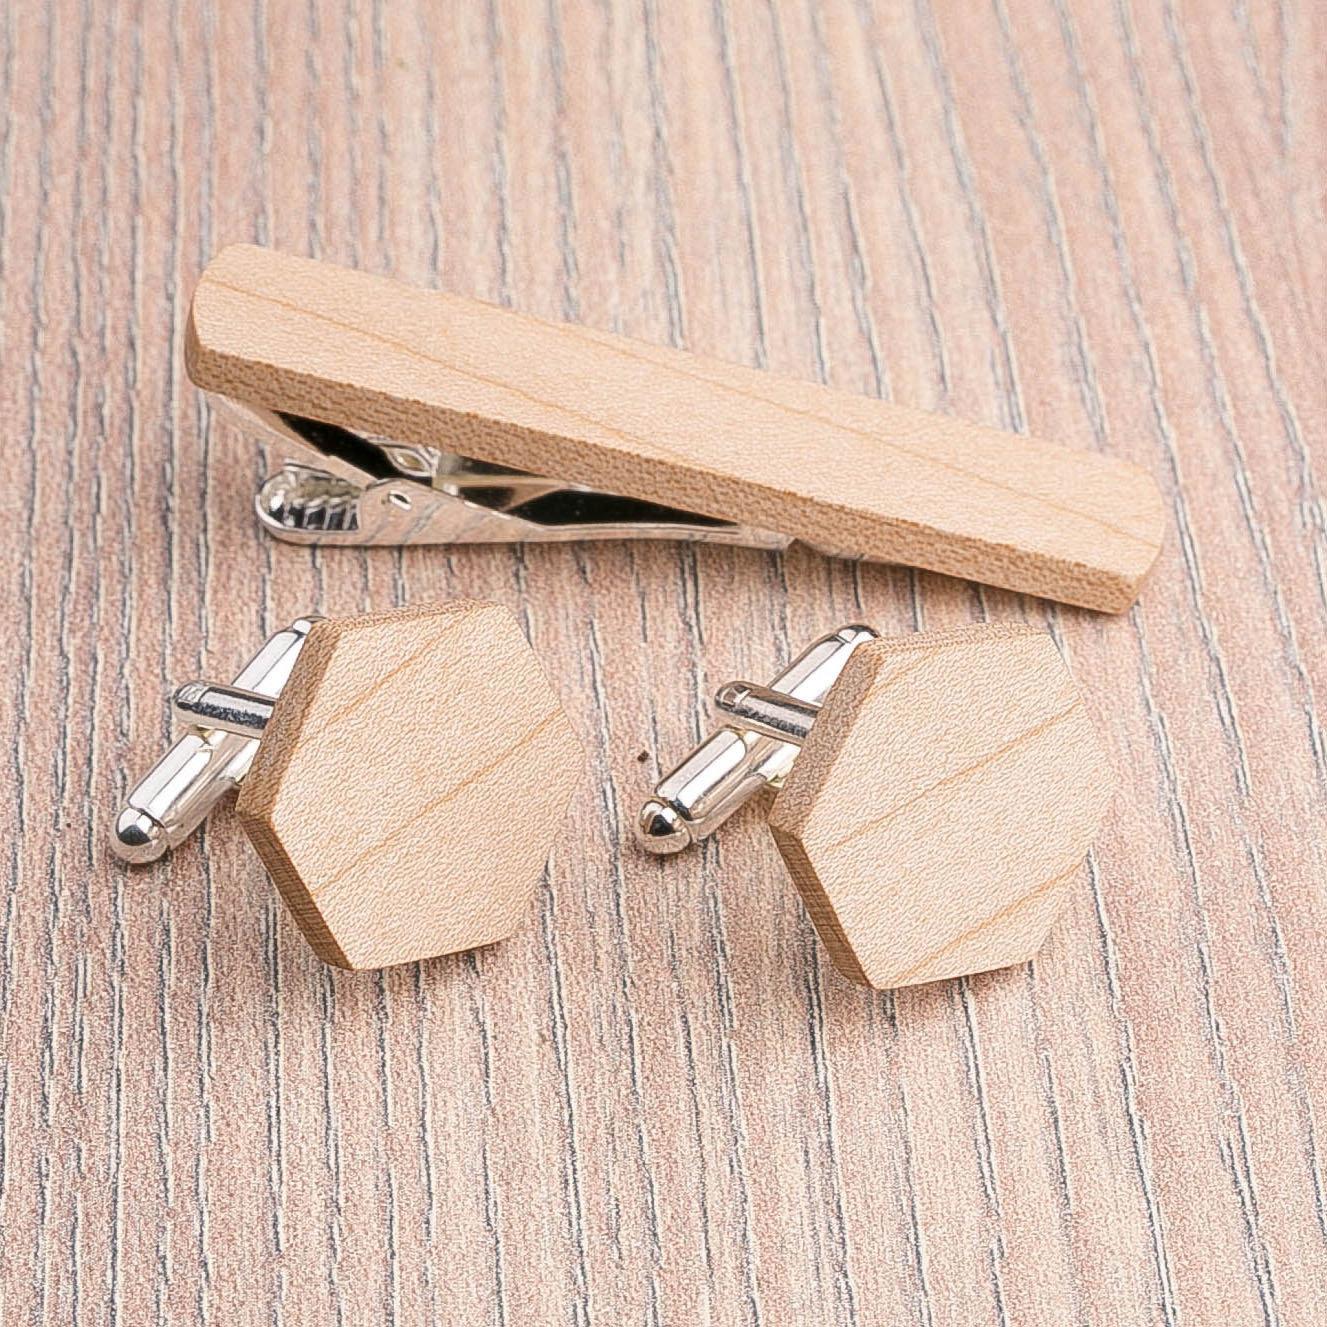 Комплект: Шестигранные запонки из дерева и Деревянный зажим для галстука. Массив клена. Гравировка инициалов. Упаковка в комплекте CufflinksSet-OctagonMaple